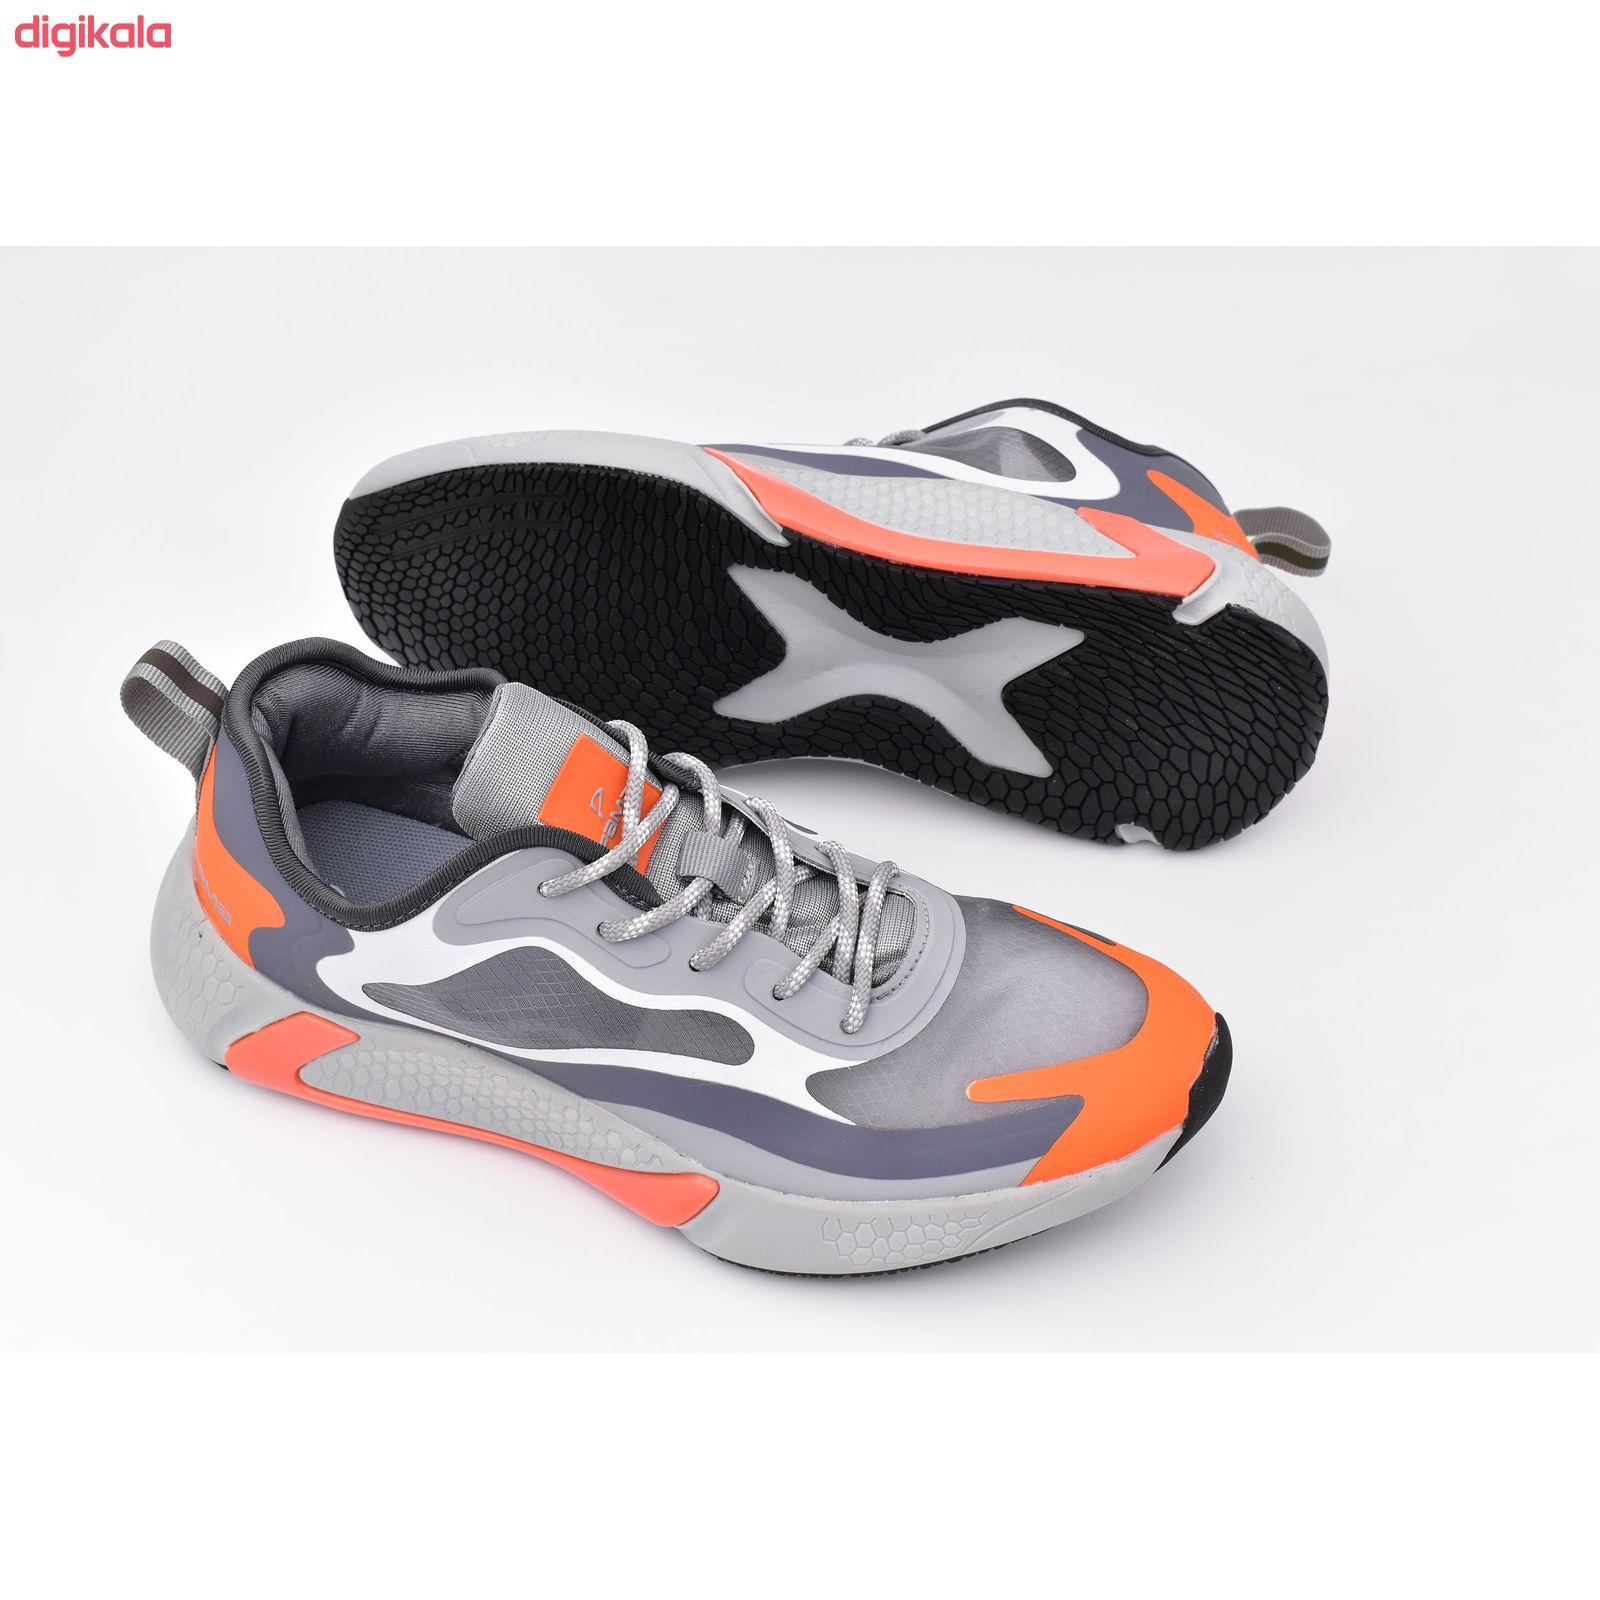 کفش پیاده روی مردانه پاما مدل ساموئل کد G1421 main 1 11